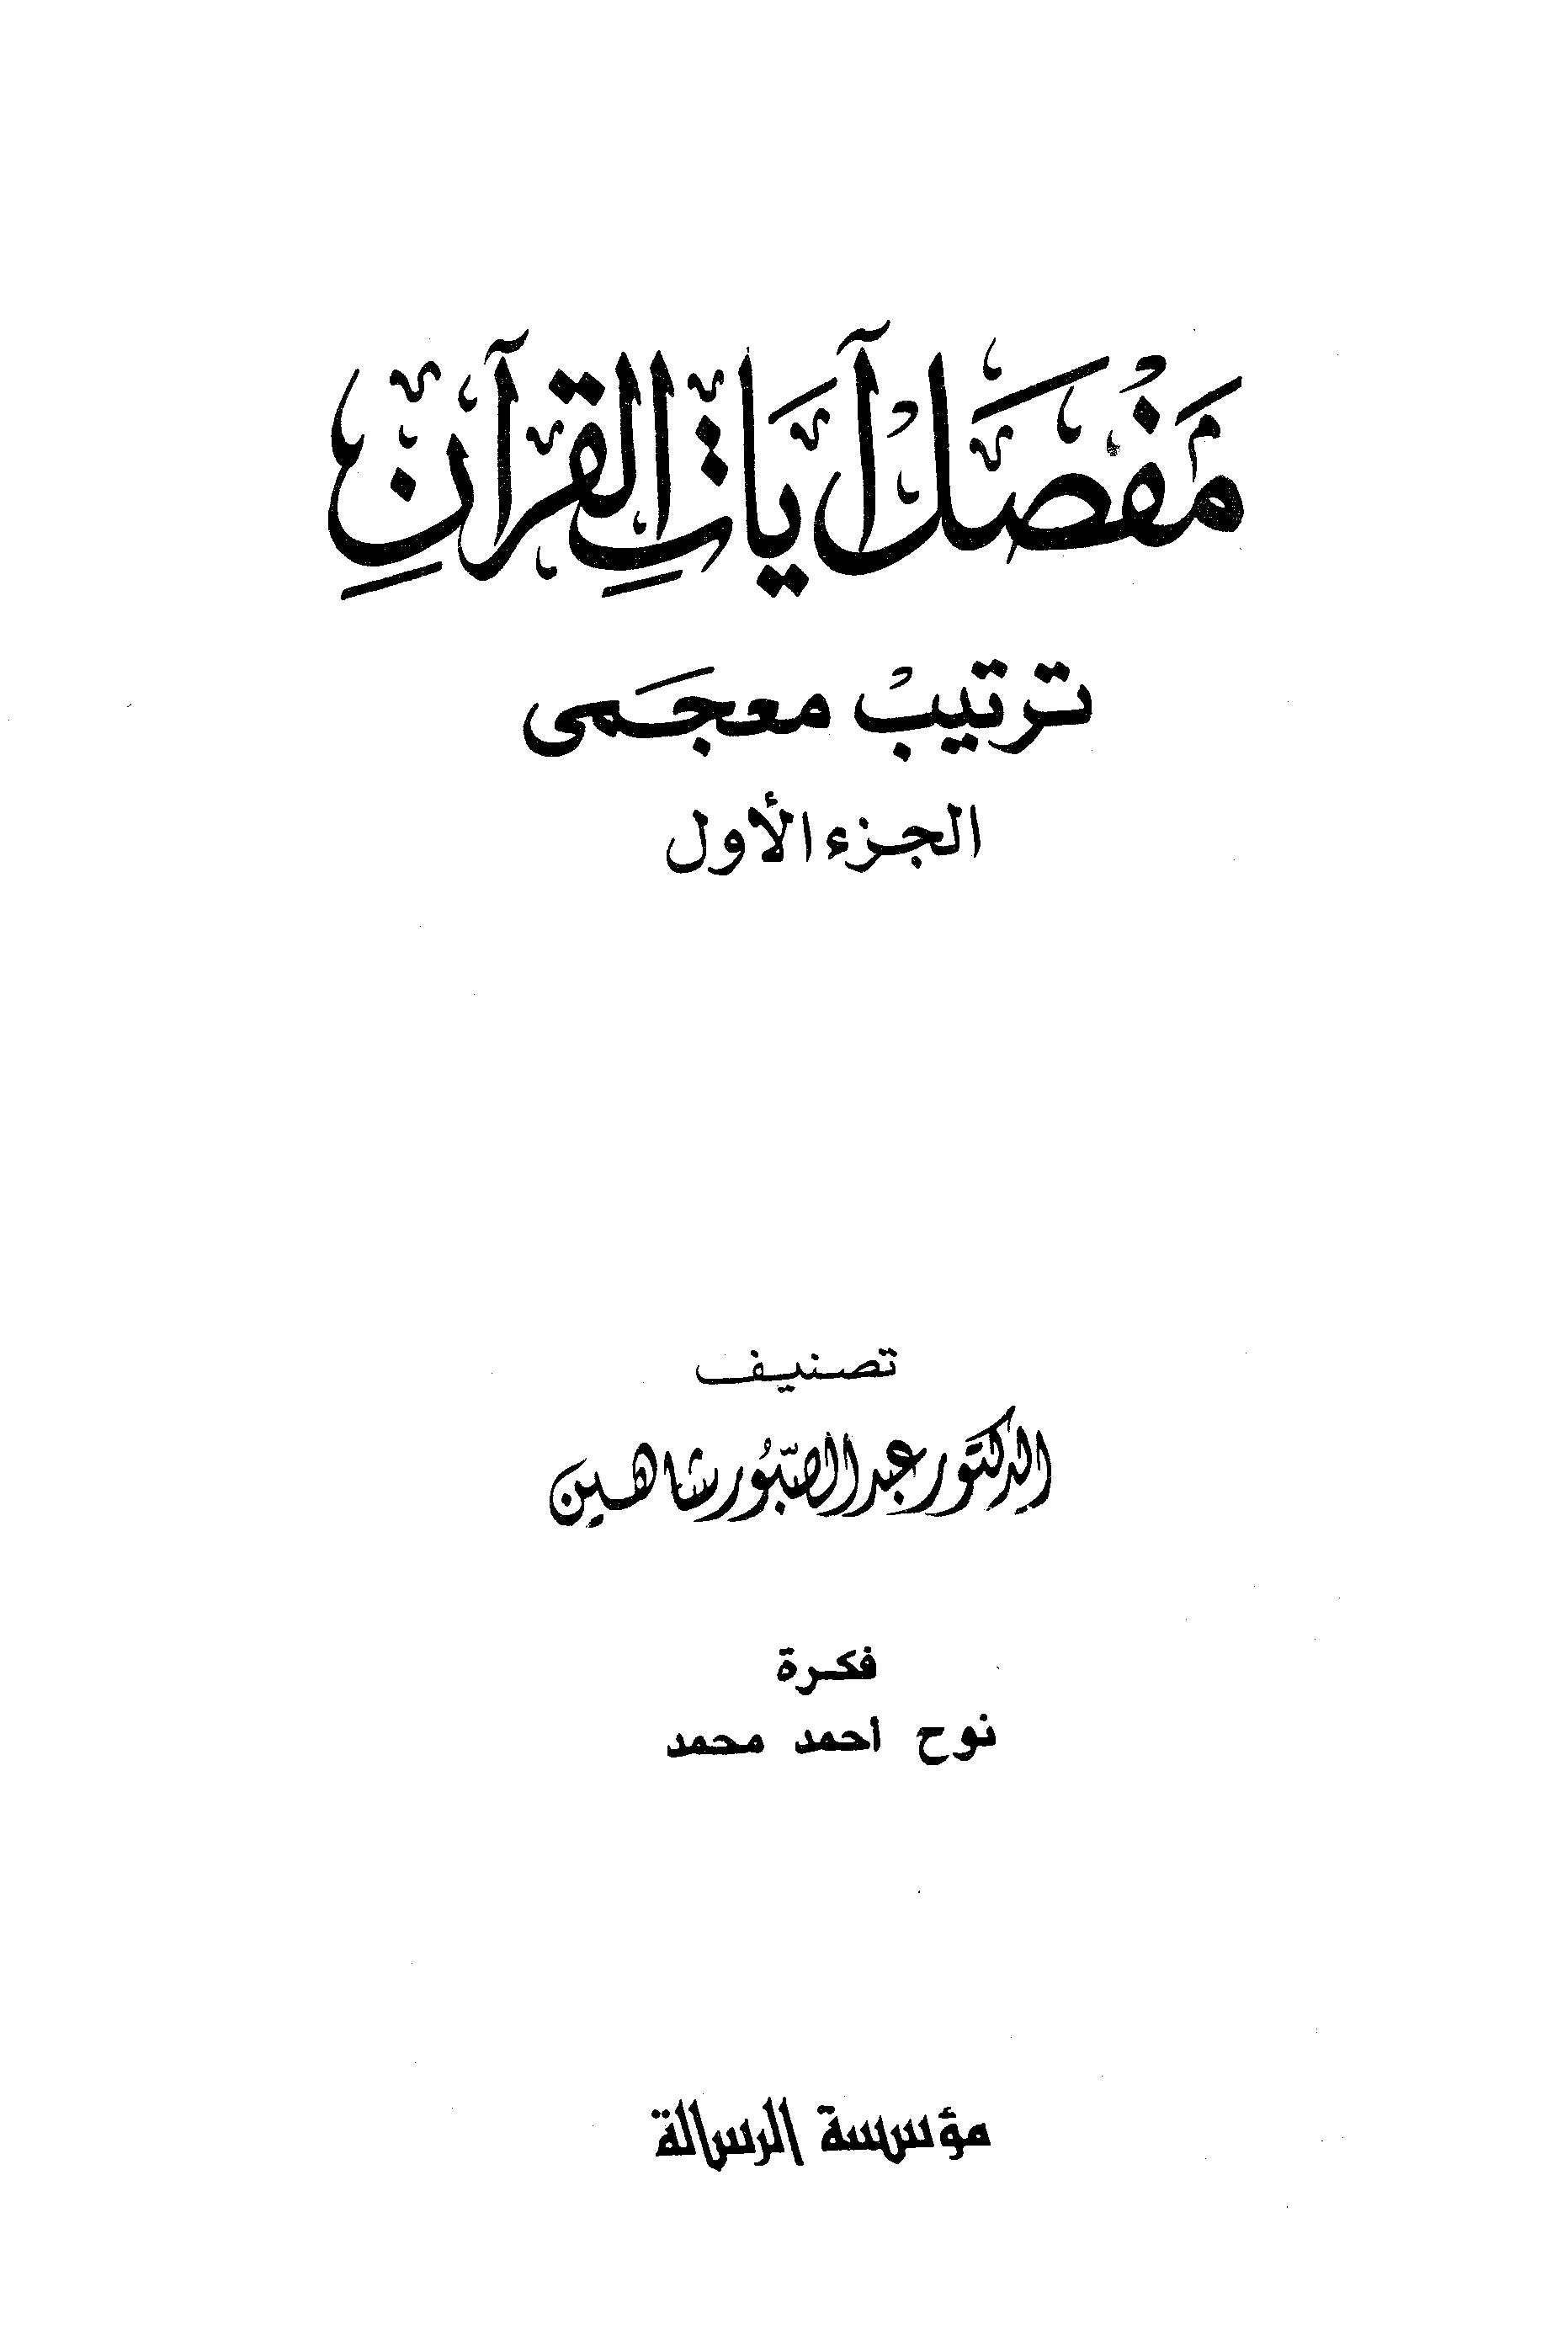 كتاب مفصل آيات القرآن ترتيب معجمي